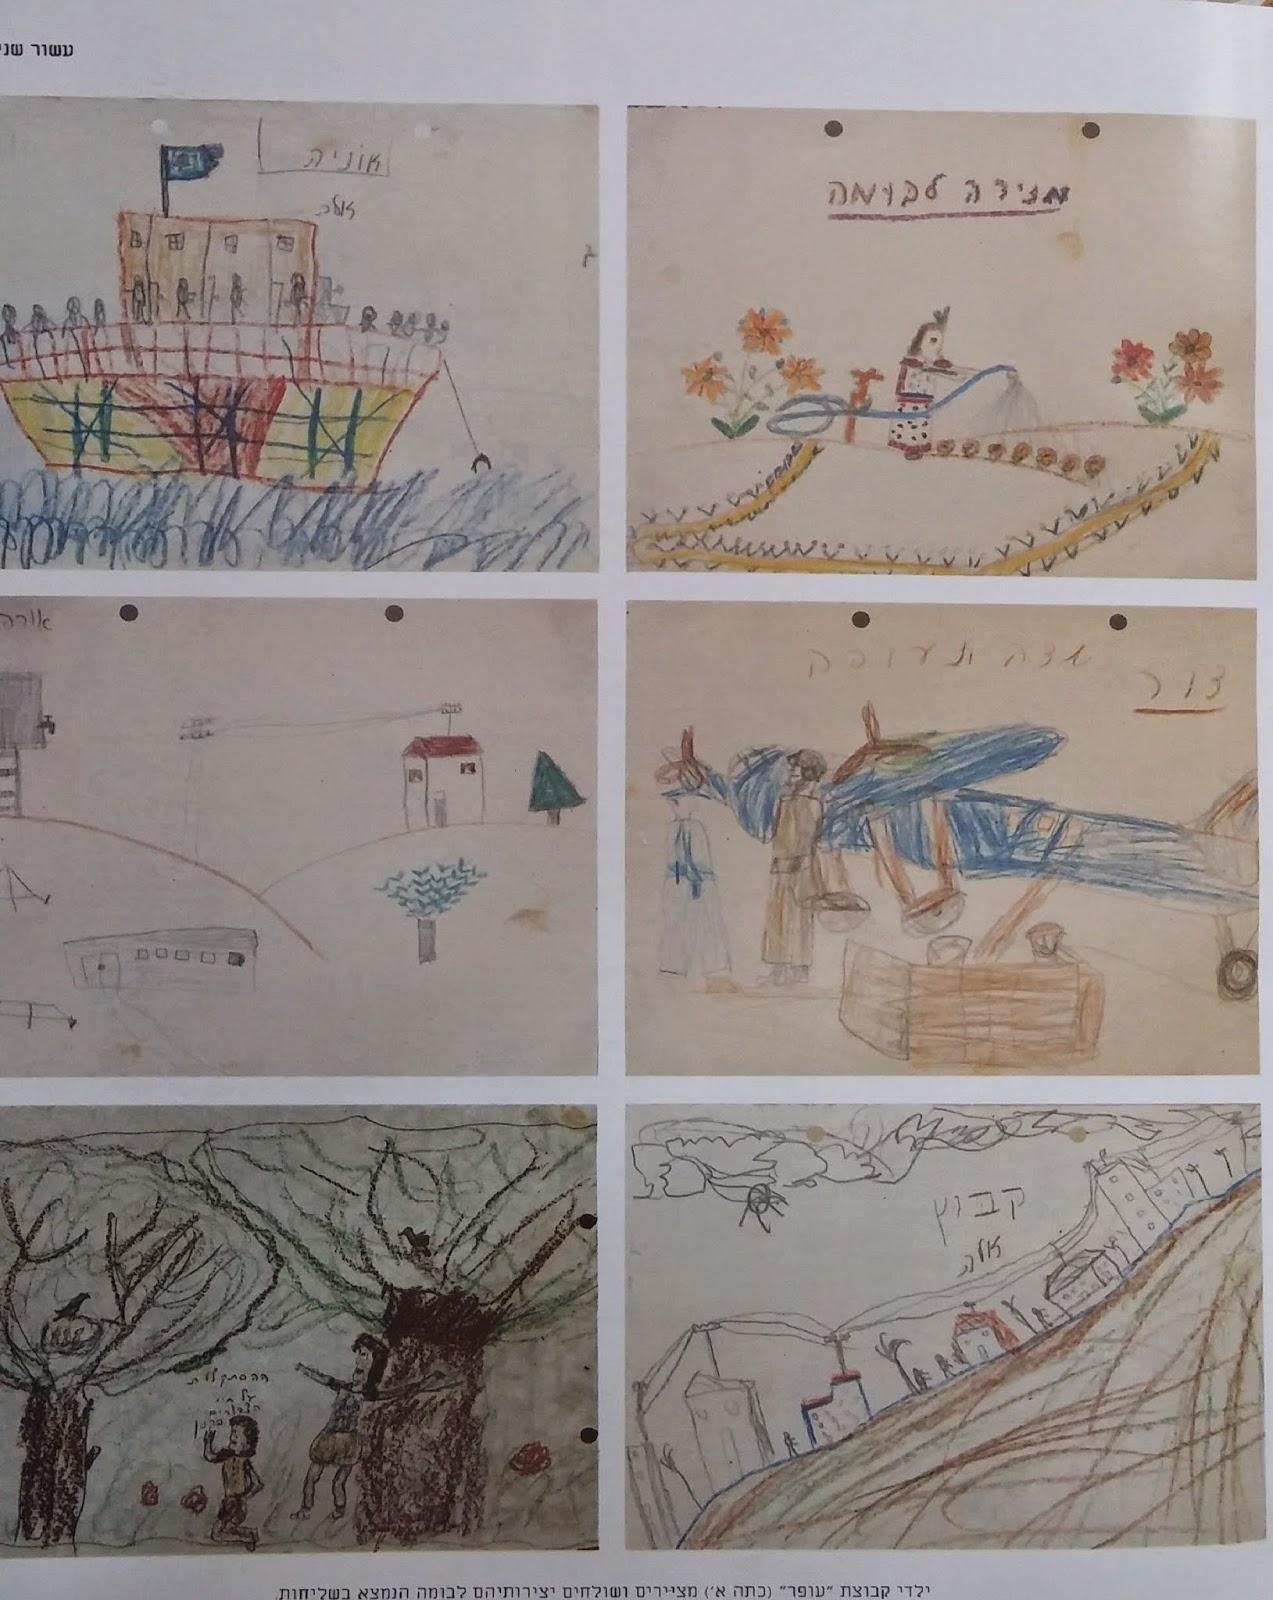 חניתה, חומה ומגדל, קיבוץ, מלחמת העצמאות, פינוי הילדים